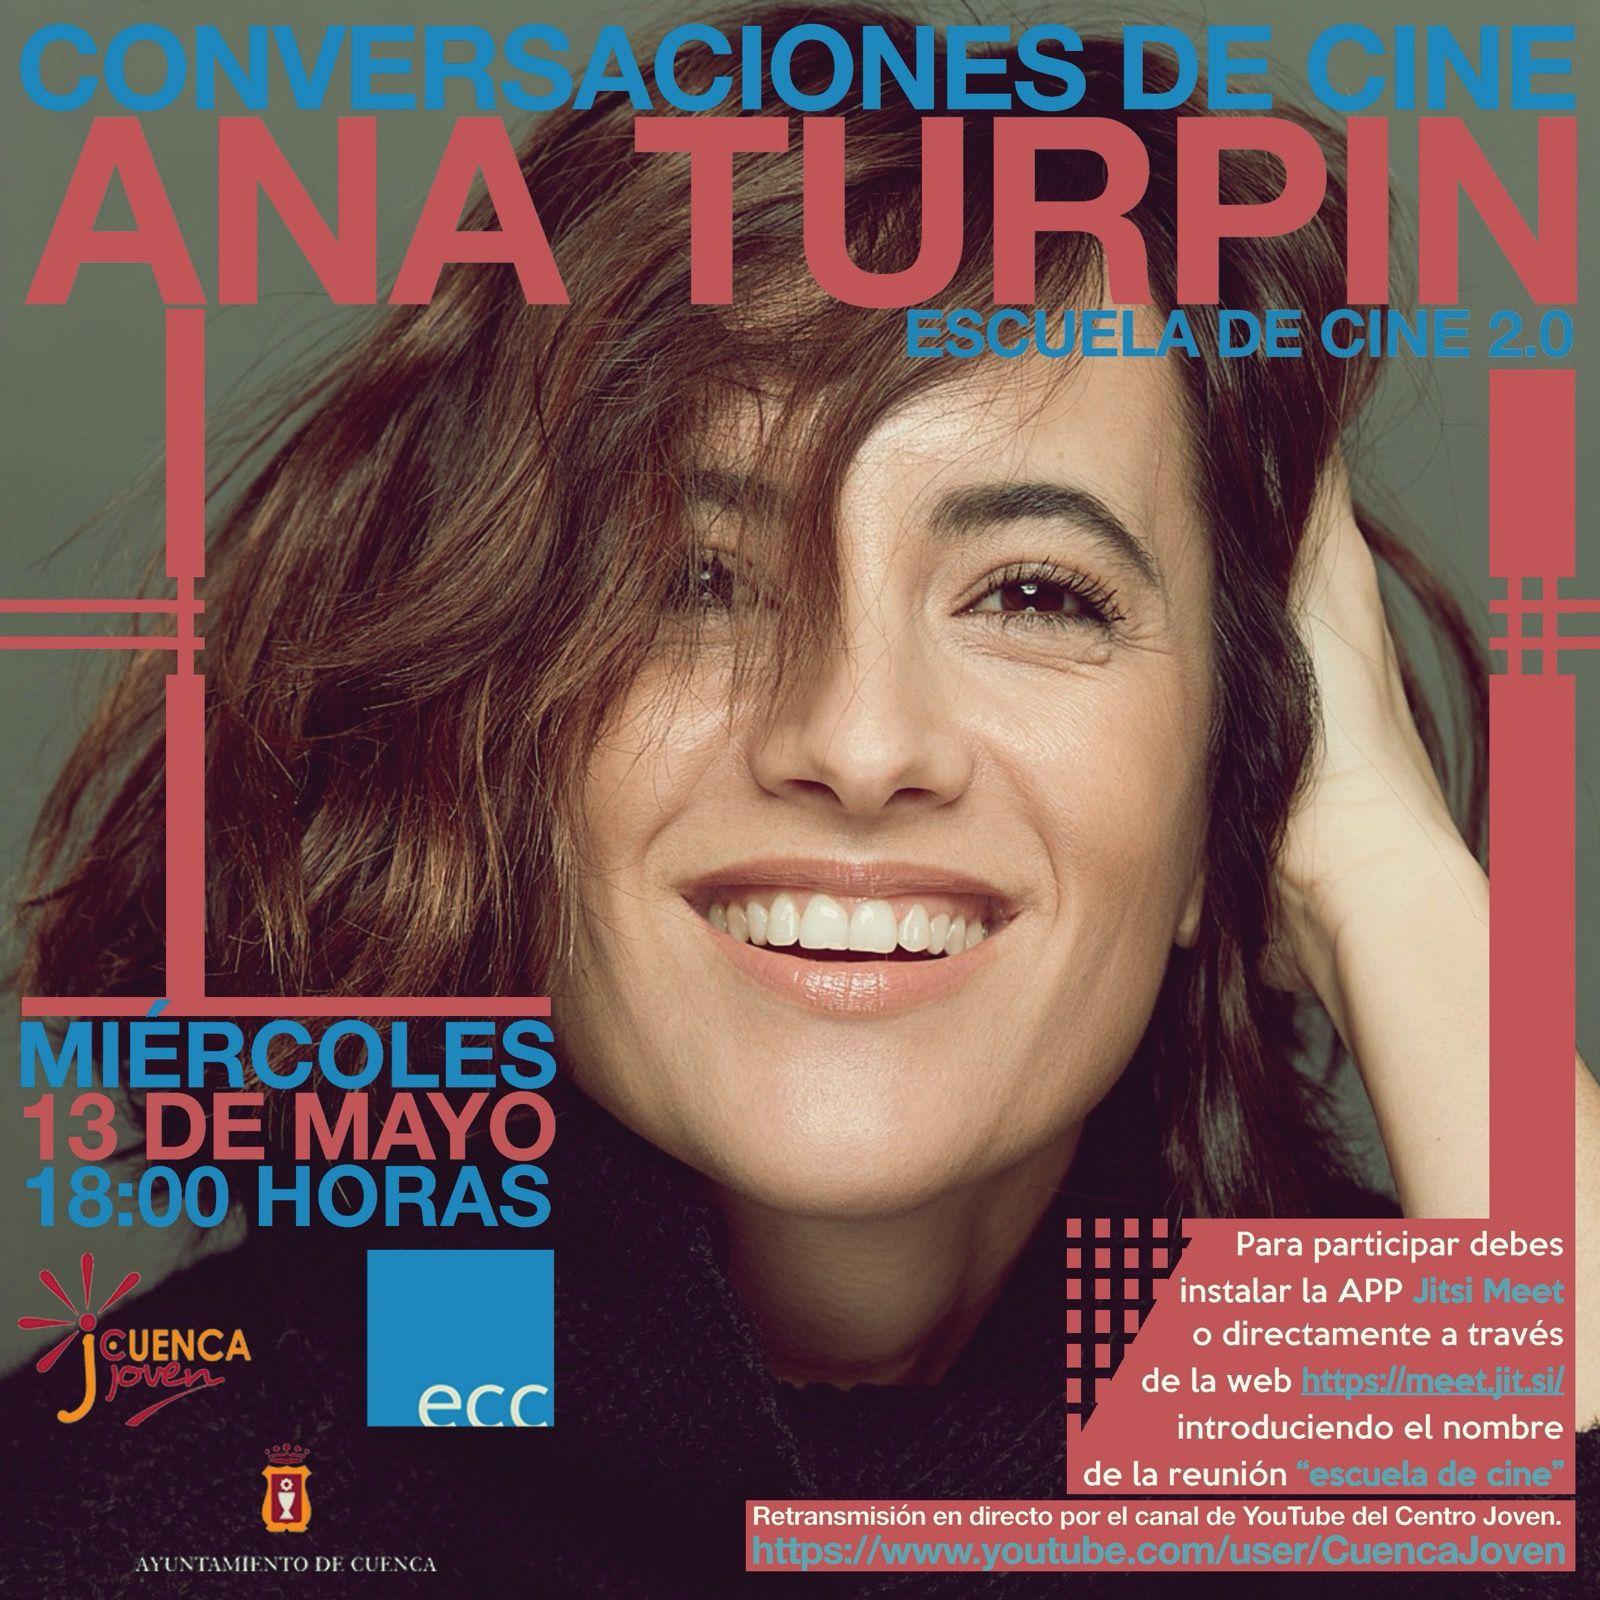 Iniciación a la batería, danza oriental y Bollywood, y un encuentro con la actriz Ana Turpin, propuestas del Centro Joven para esta semana de Cuenca